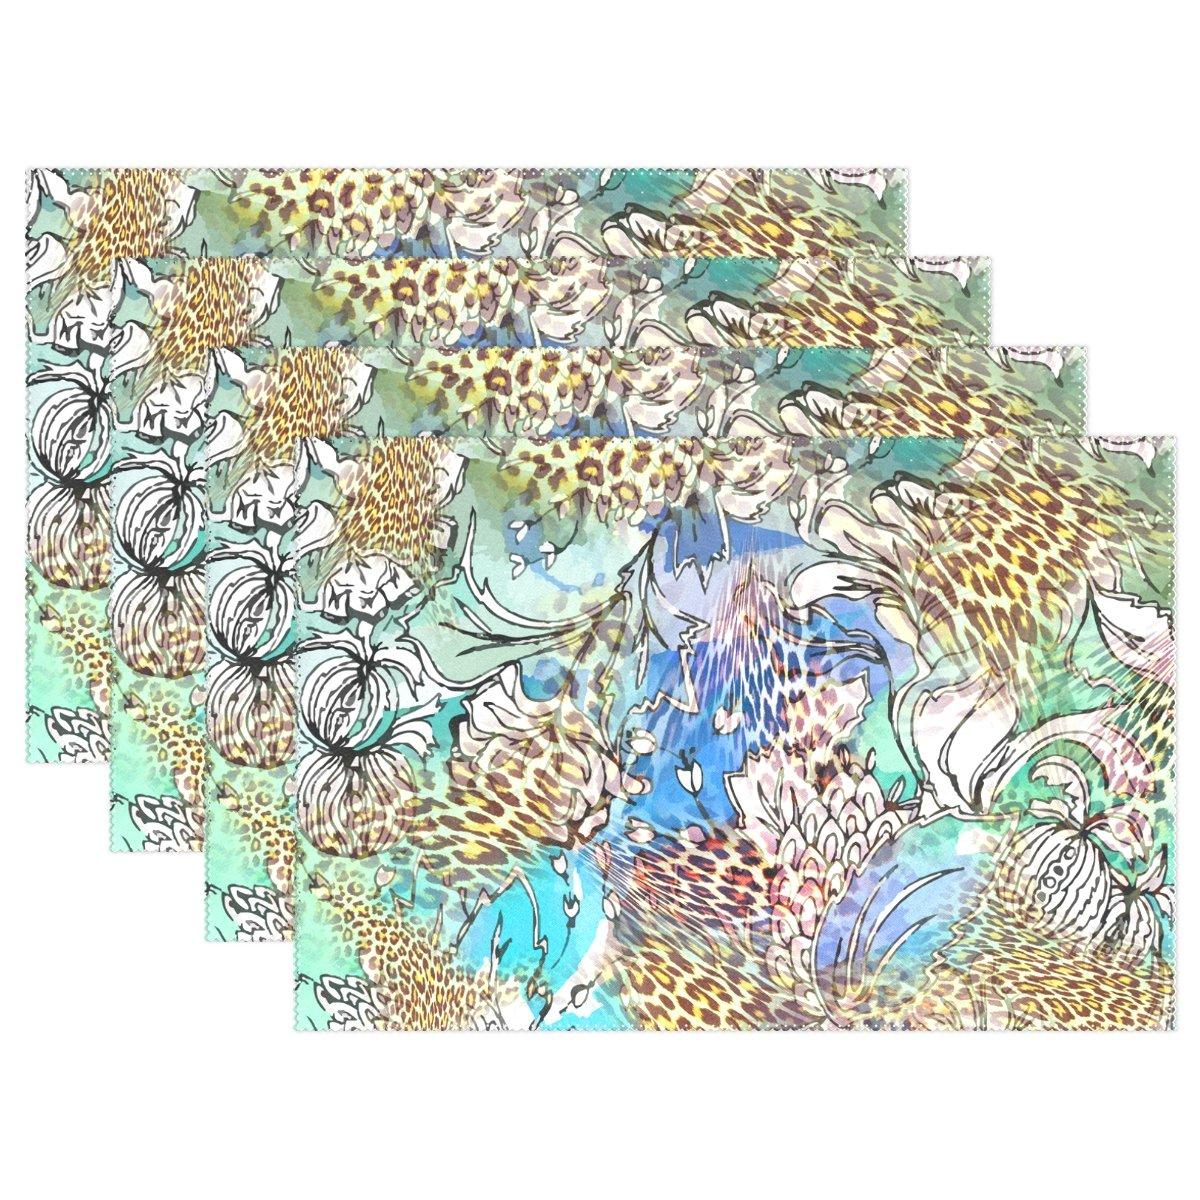 抽象Leopard背景印刷、プレースマットalirea耐熱プレースマット汚れ防止滑り防止洗濯可能ポリエステルテーブルマット非スリップEasy Cleanプレースマット、12